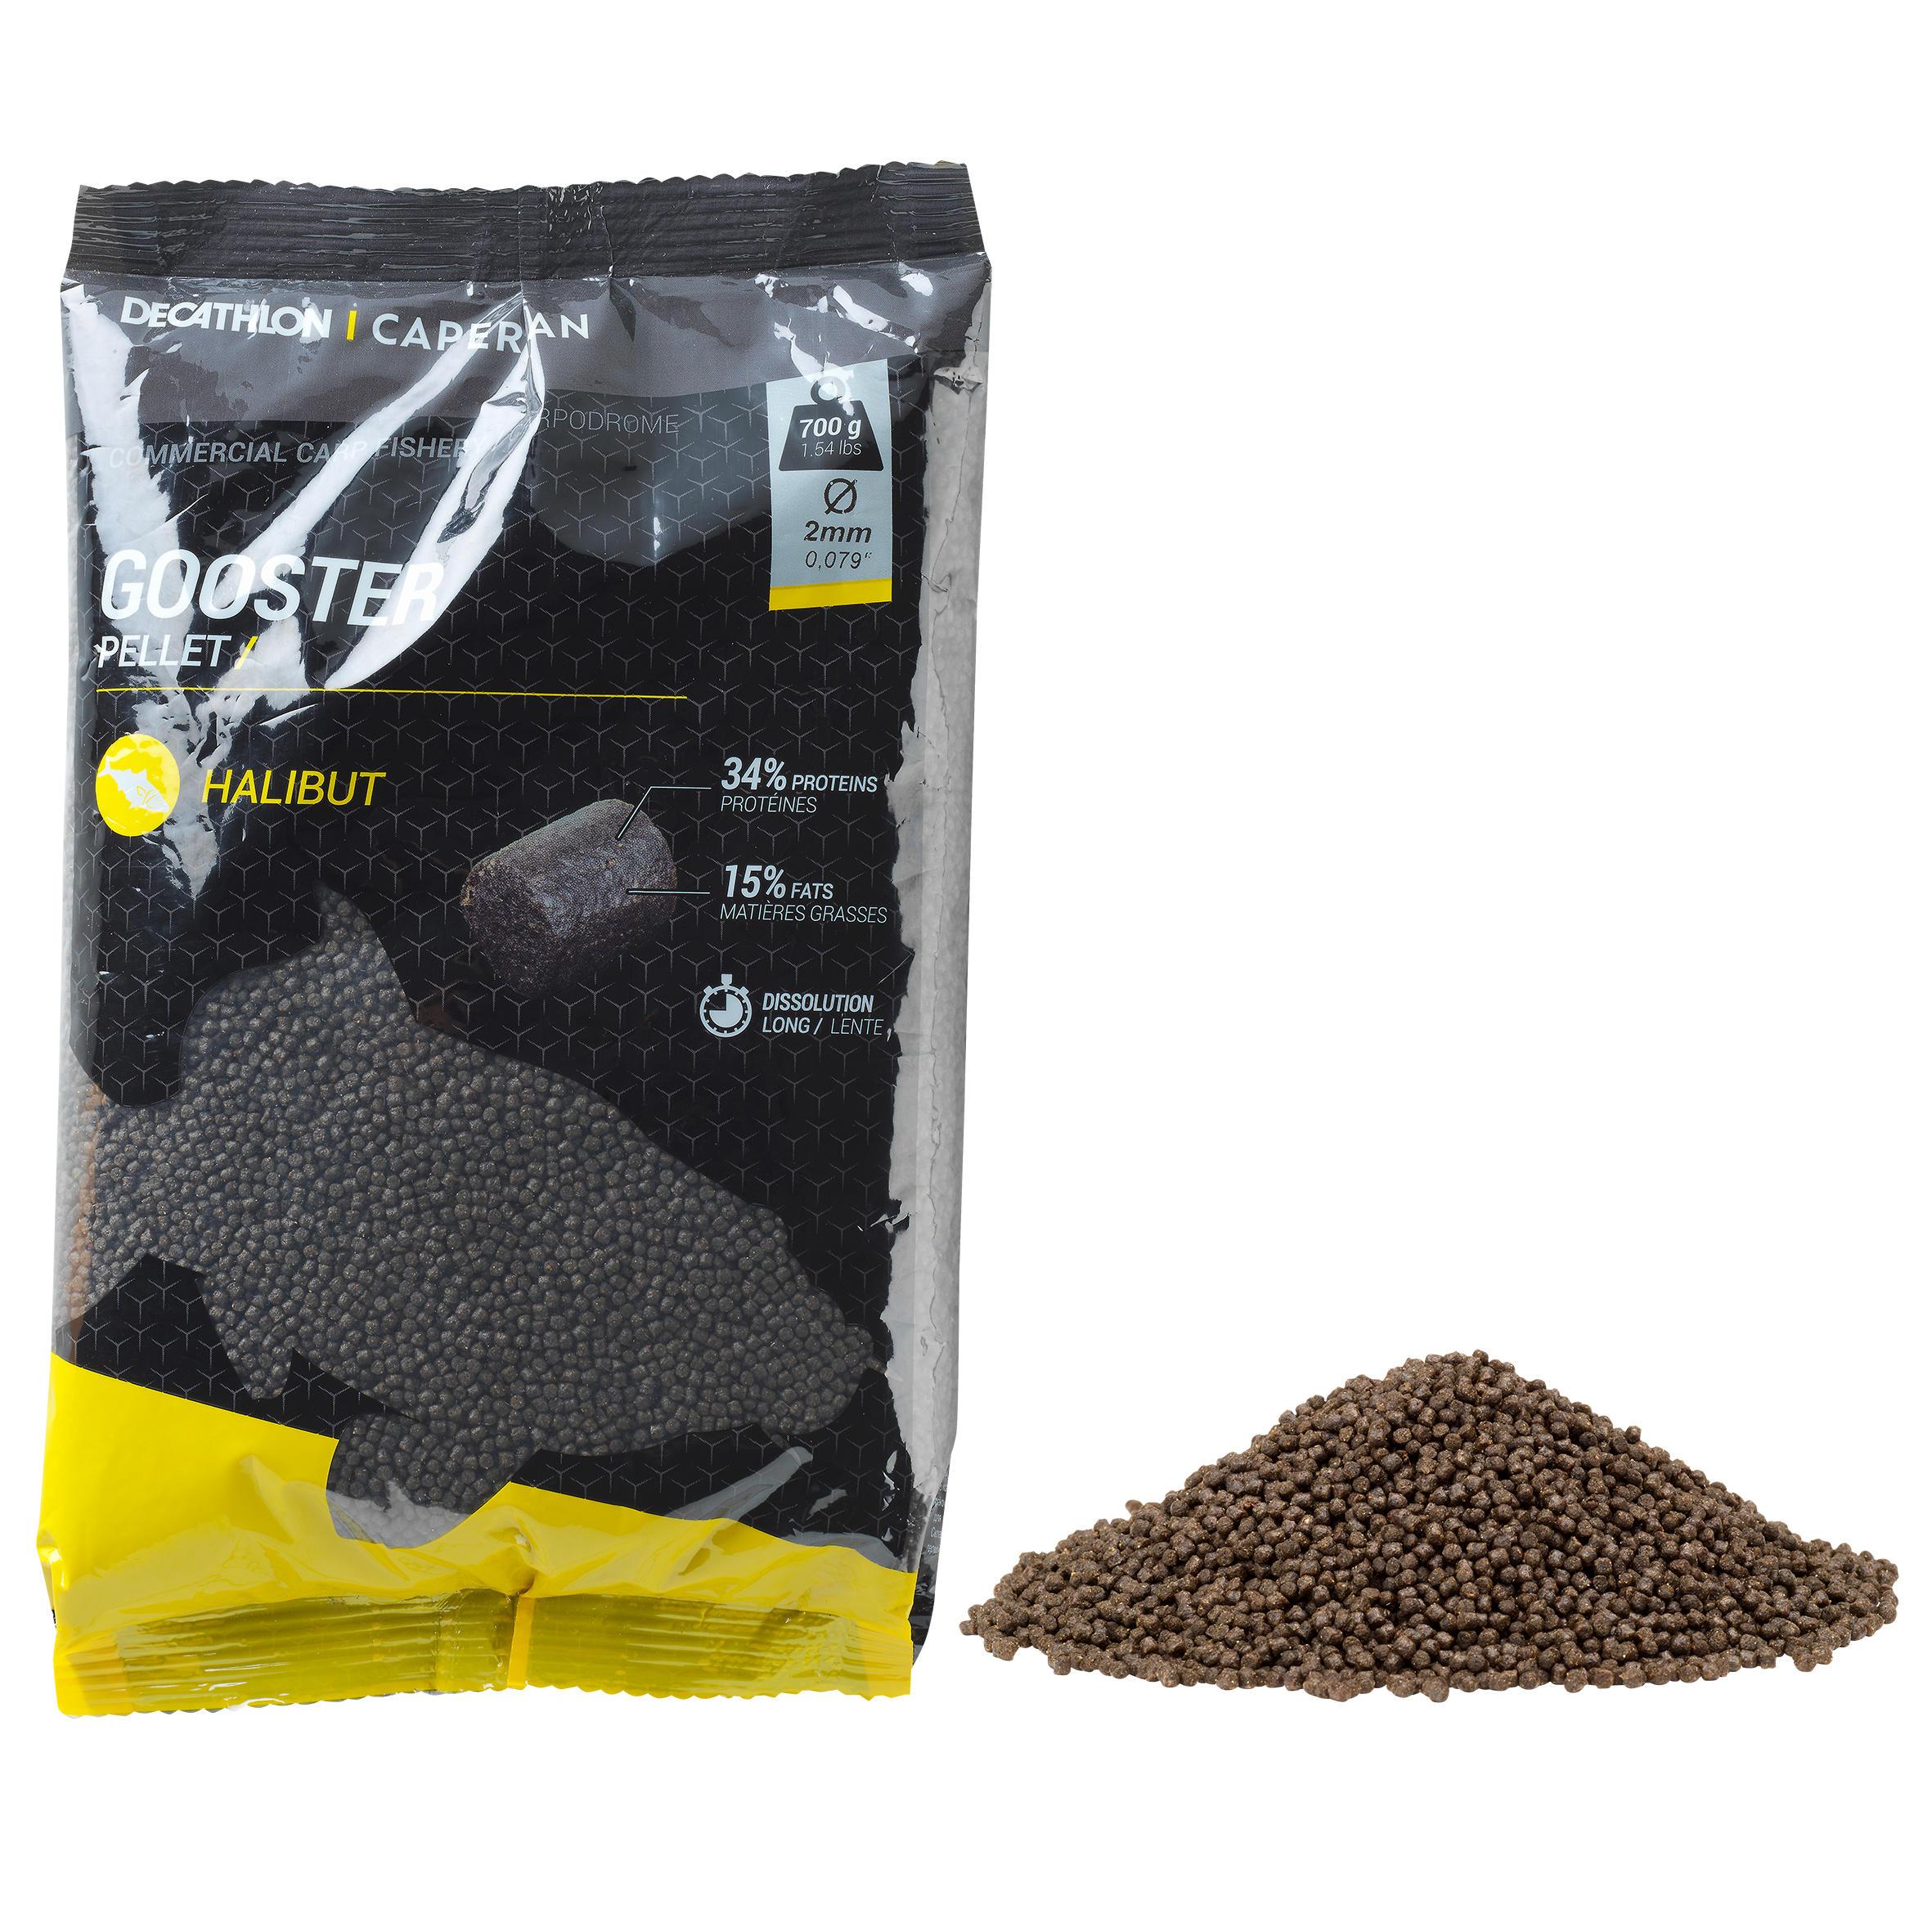 Caperlan Gooster pellets heilbot 8 mm 0,7 kg voor statisch hengelen op karpers